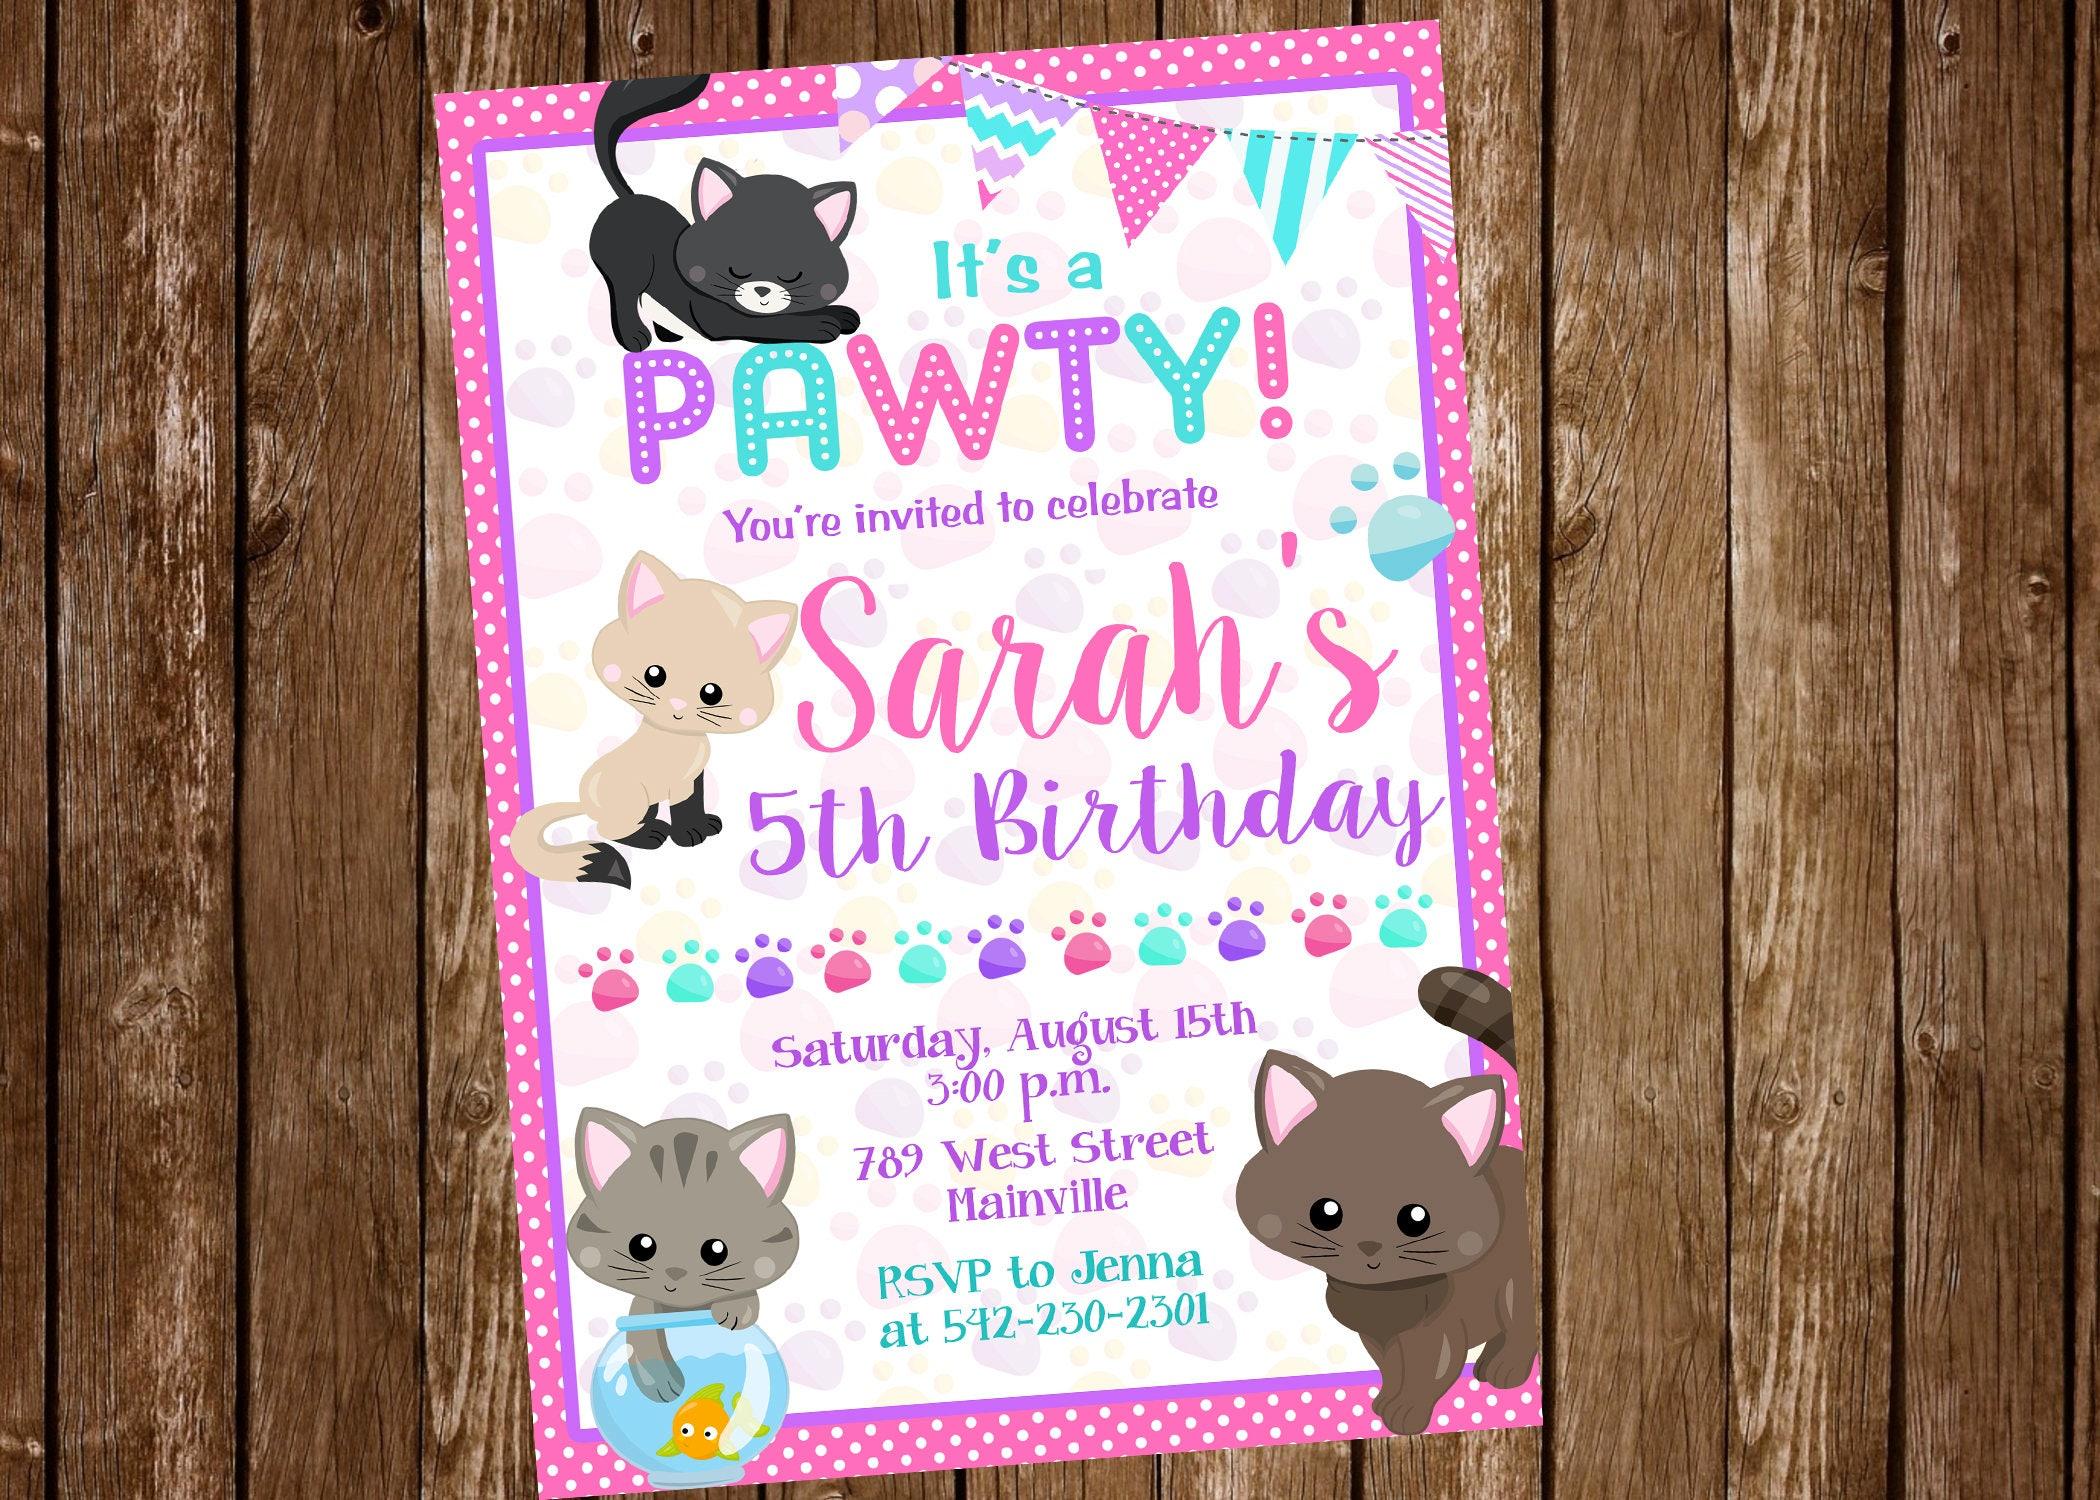 Invitación invitación de gatito Pawty gatito cumpleaños